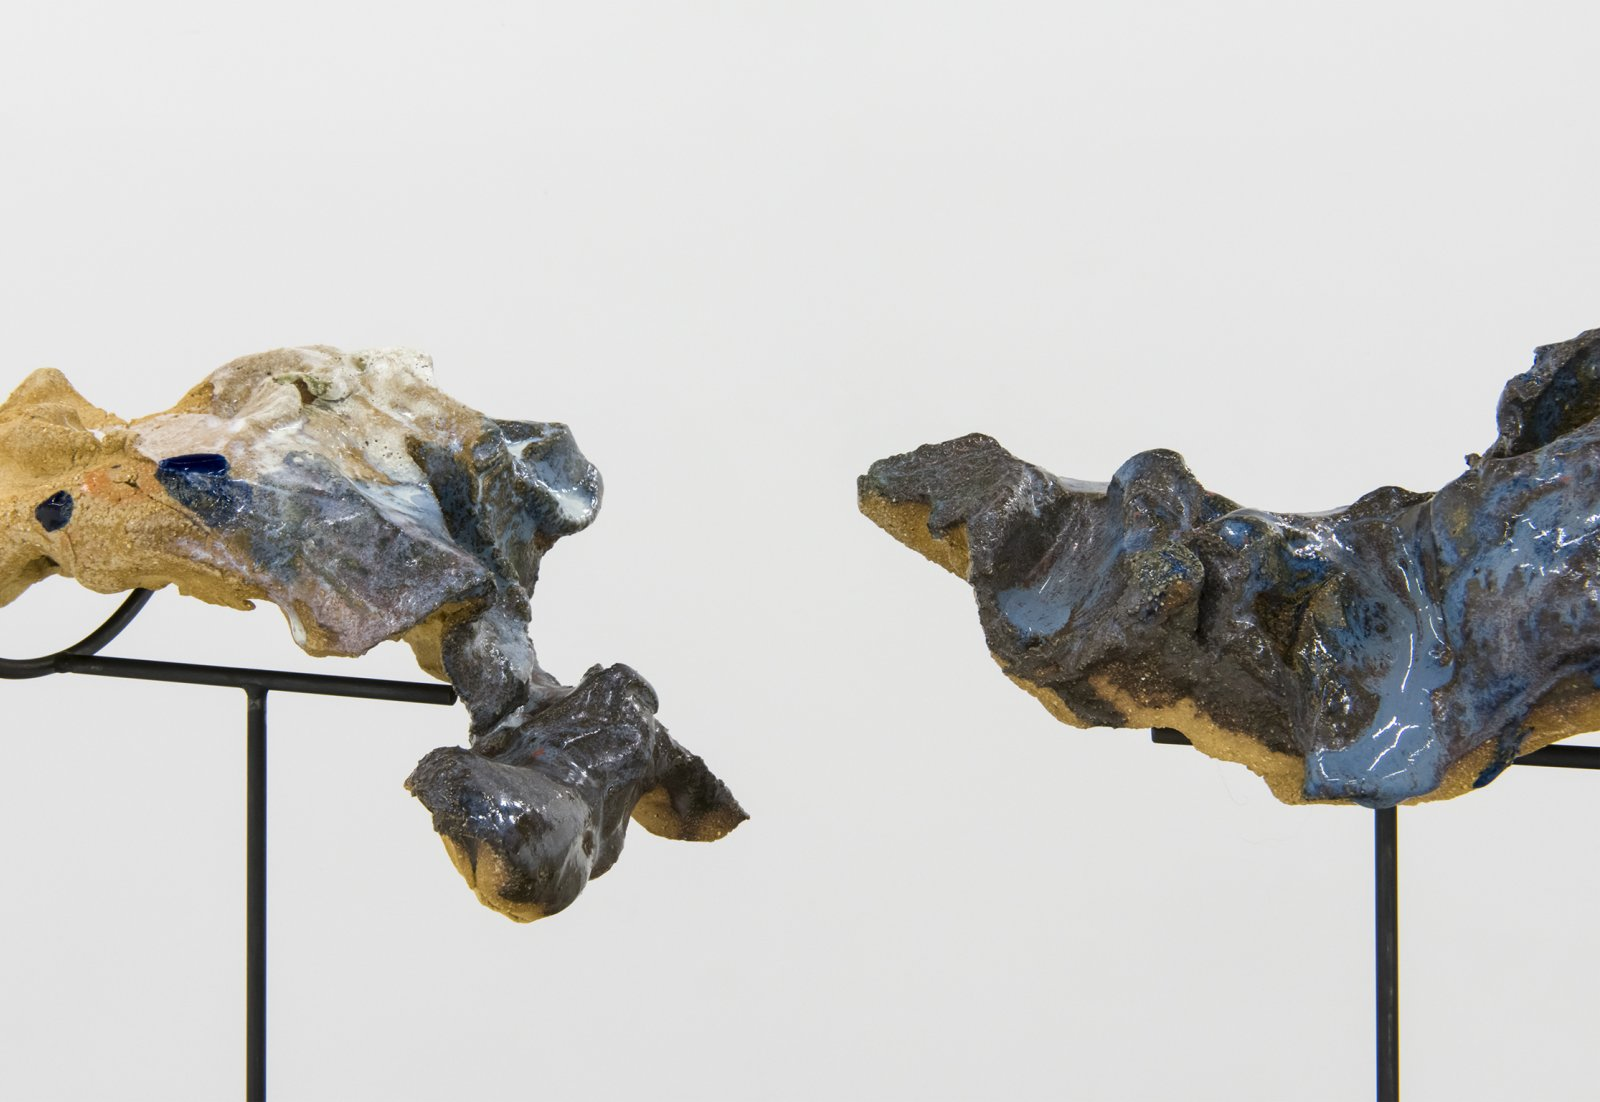 Damian Moppett, Figure in Two (detail), 2016, glazed stoneware, wood, steel, 15 x 20 x 6 in. (39 x 51 x 16 cm) by Damian Moppett